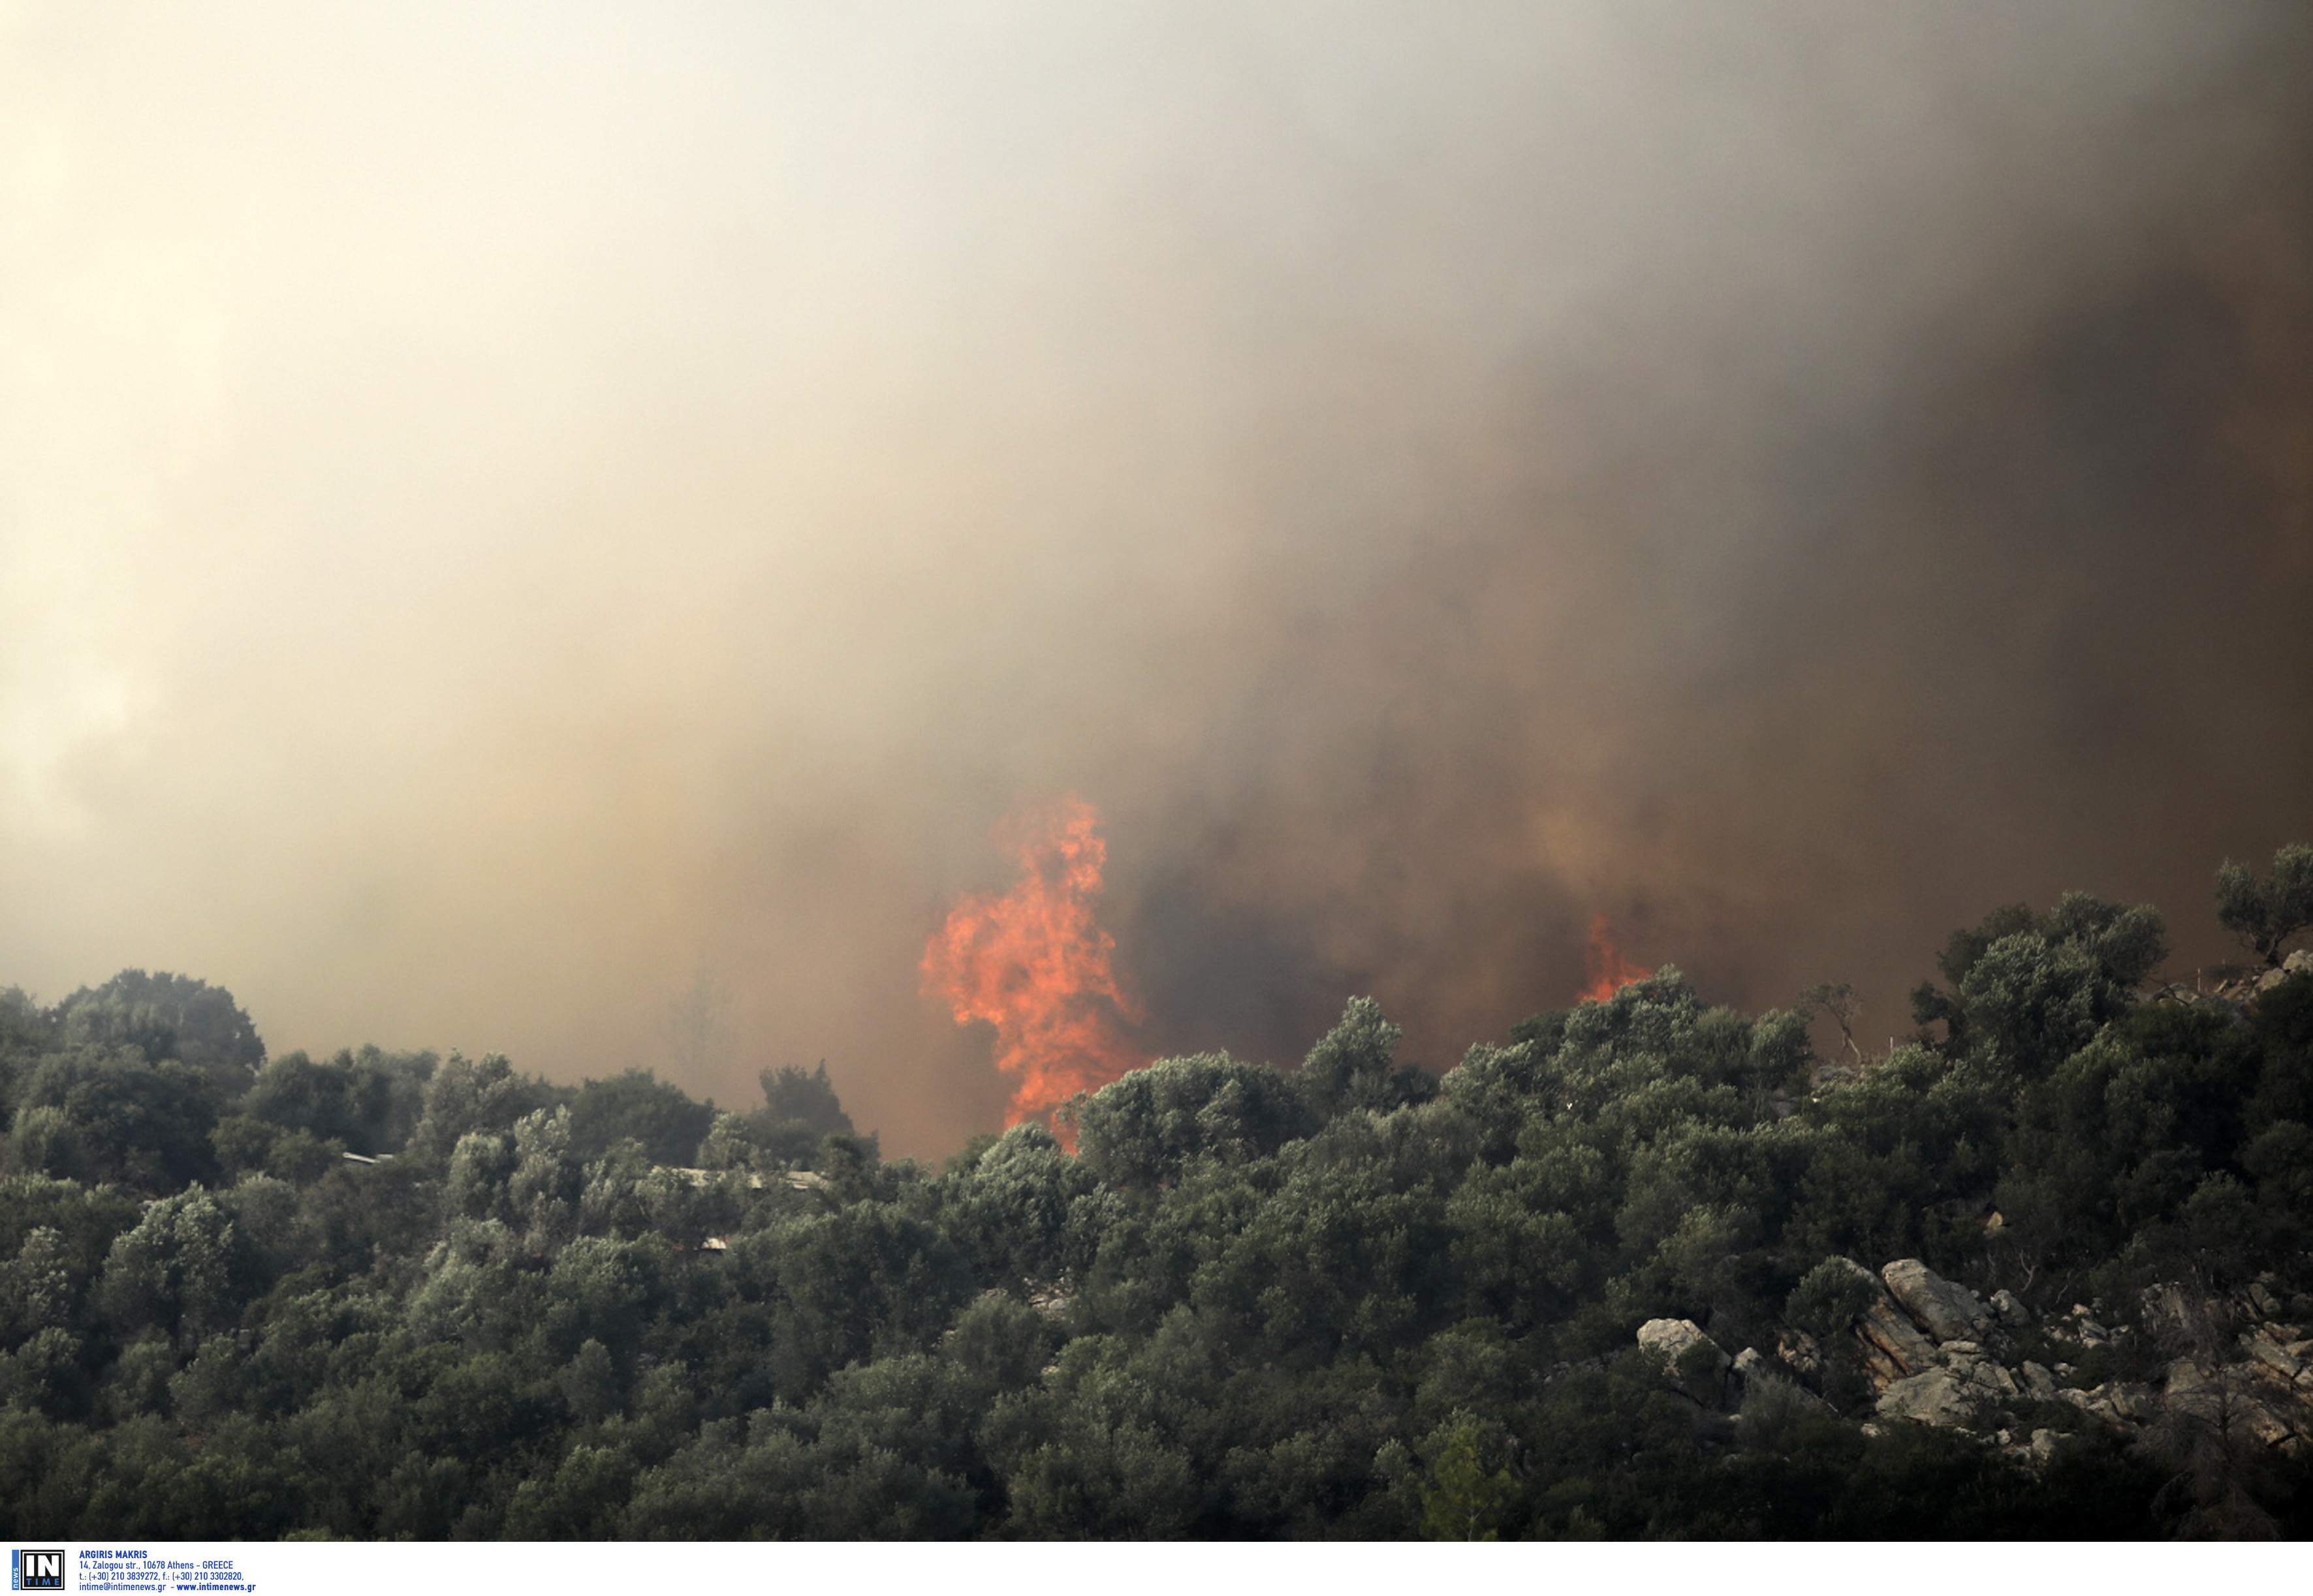 Φωτιά στην Εύβοια: Οι φλόγες πέρασαν δρόμο και απειλούν σπίτια – Συναγερμός στο χωριό Γαβαλάς!